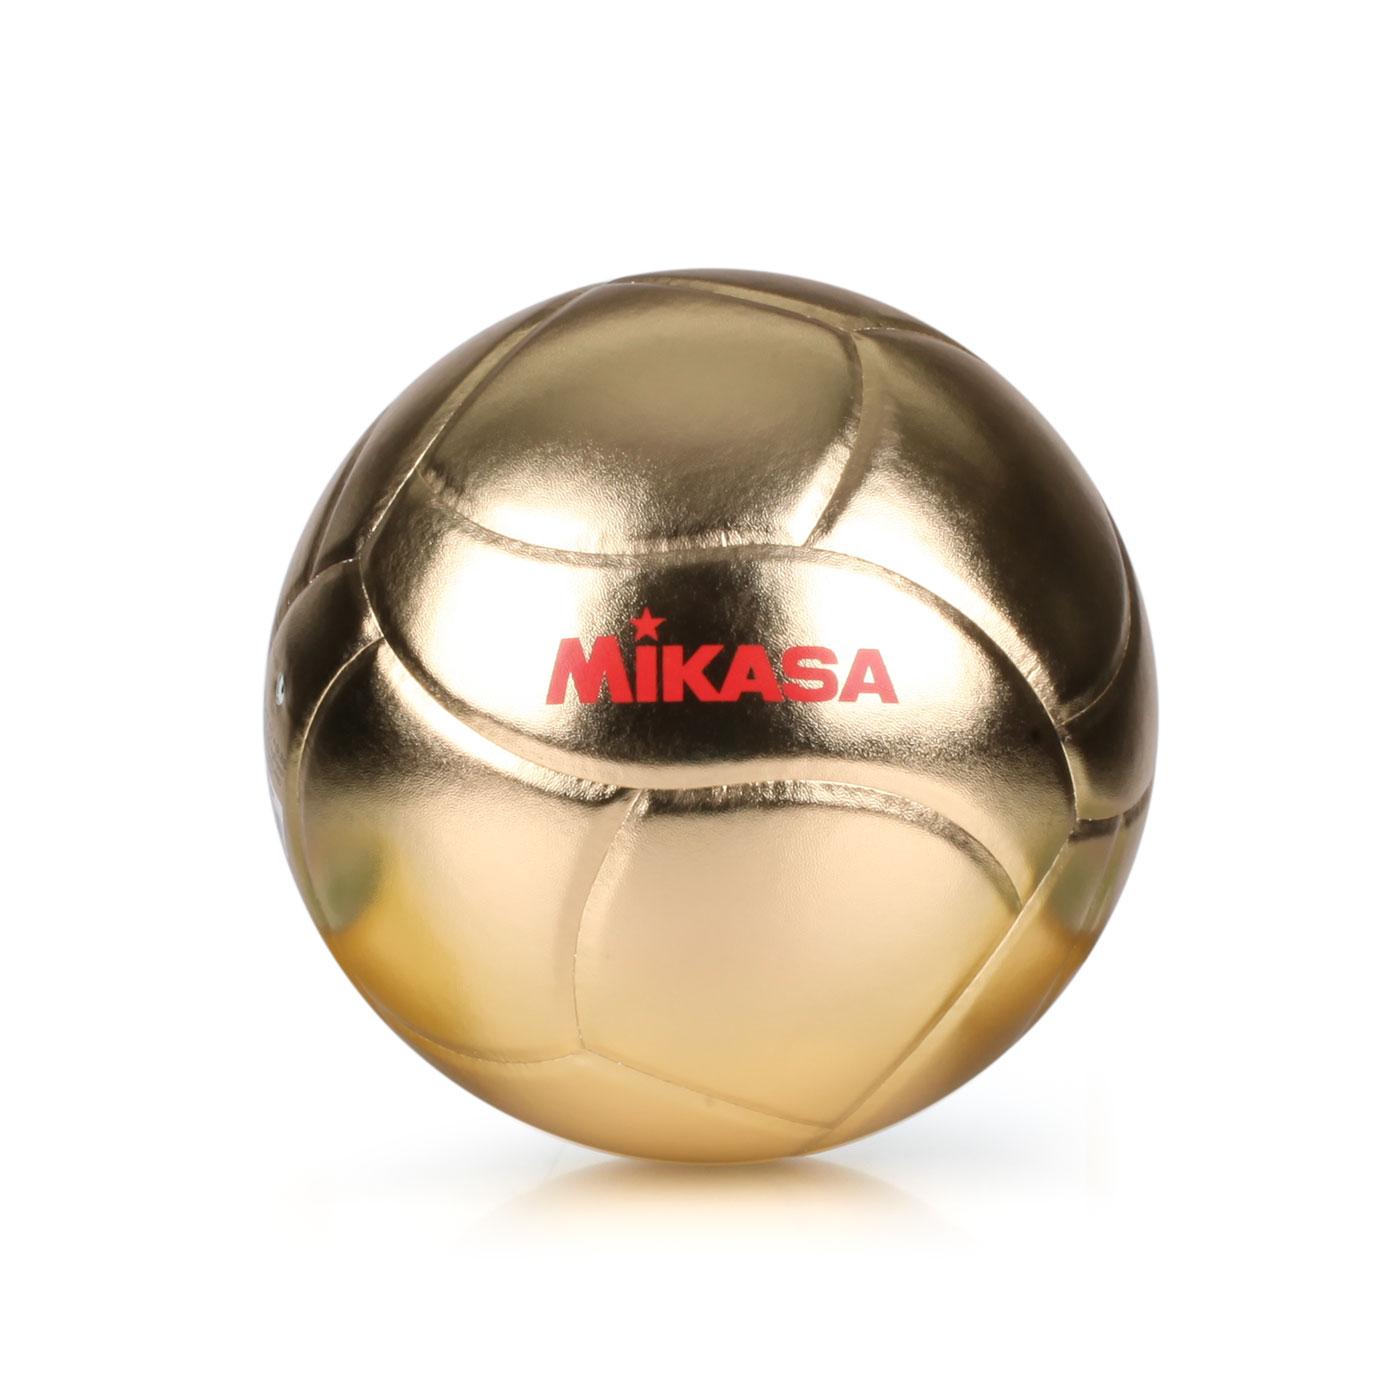 MIKASA 紀念排球#5 MKVG018W